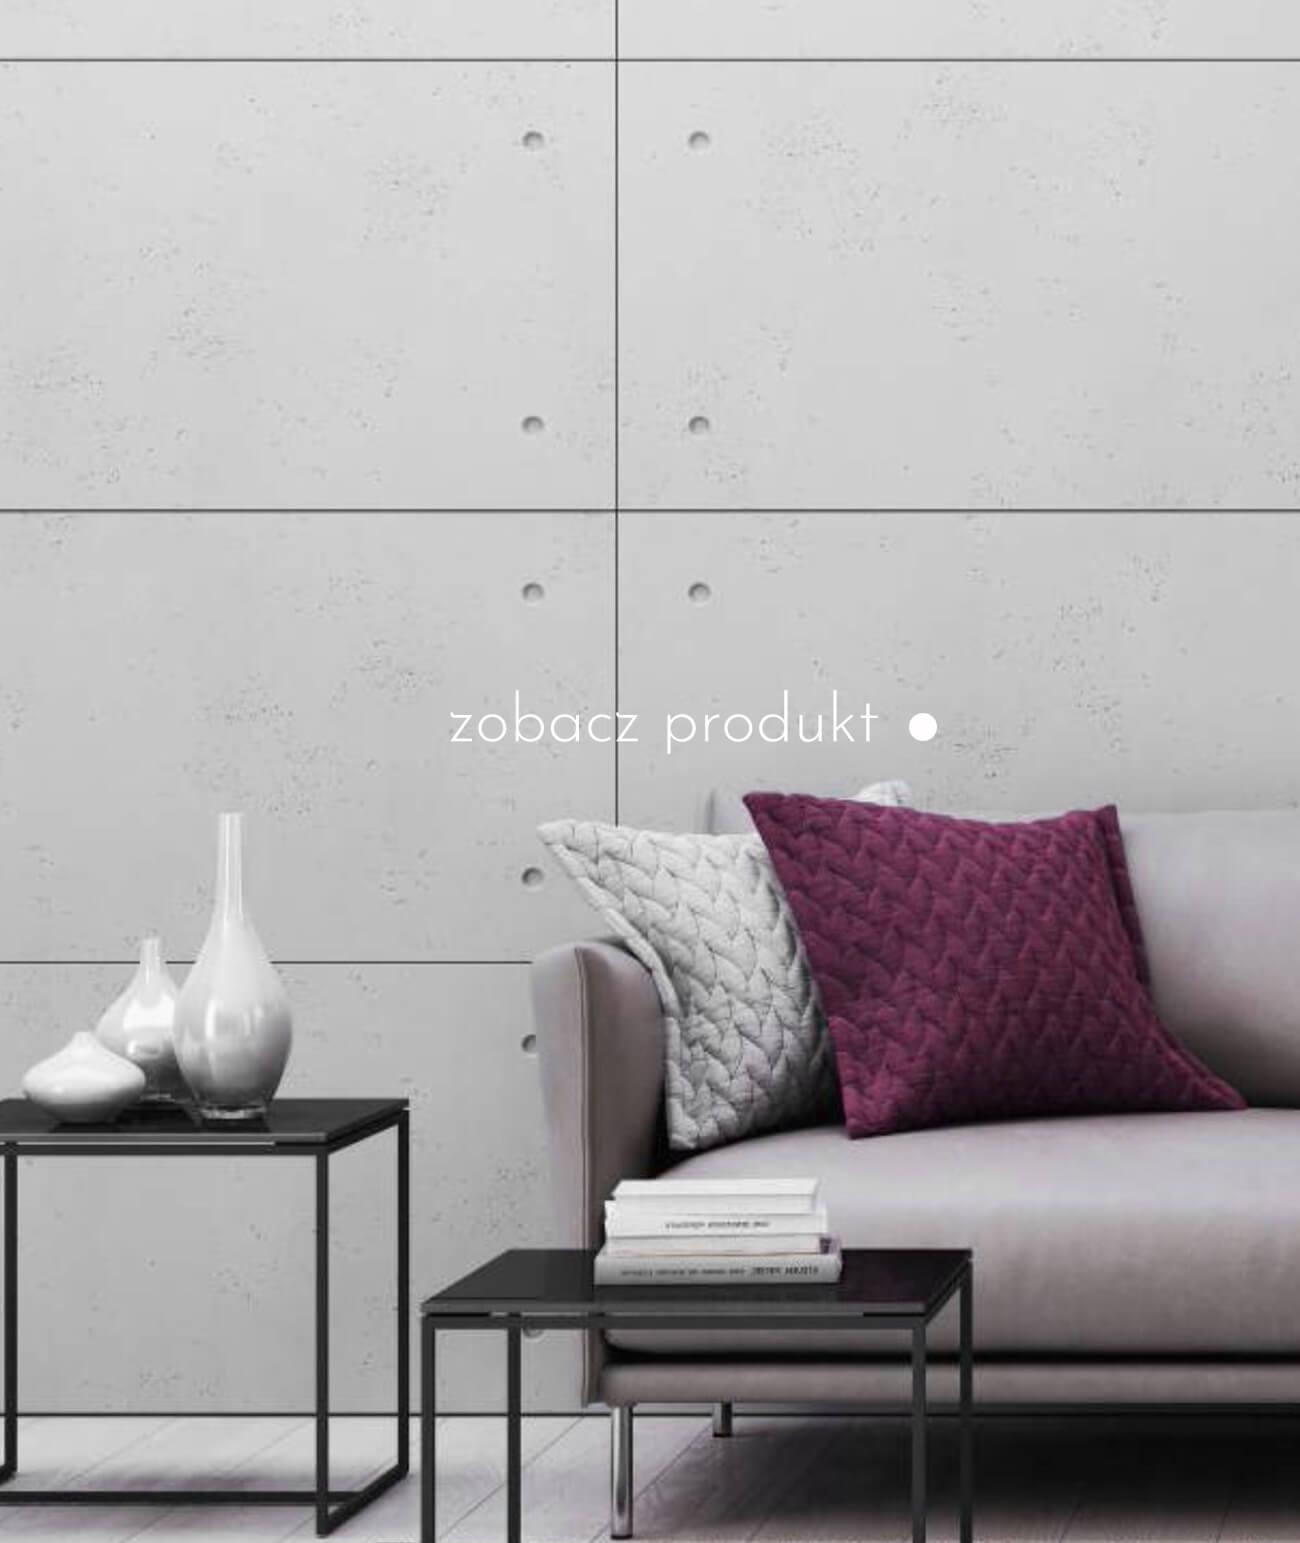 panele-betonowe-3d-scienne-i-elewacyjne-beton-architektoniczny_920-20174-pb30-s95-jasny-szary-golabkowy-standard---panel-dekor-3d-beton-architektoniczny-panel-scienny